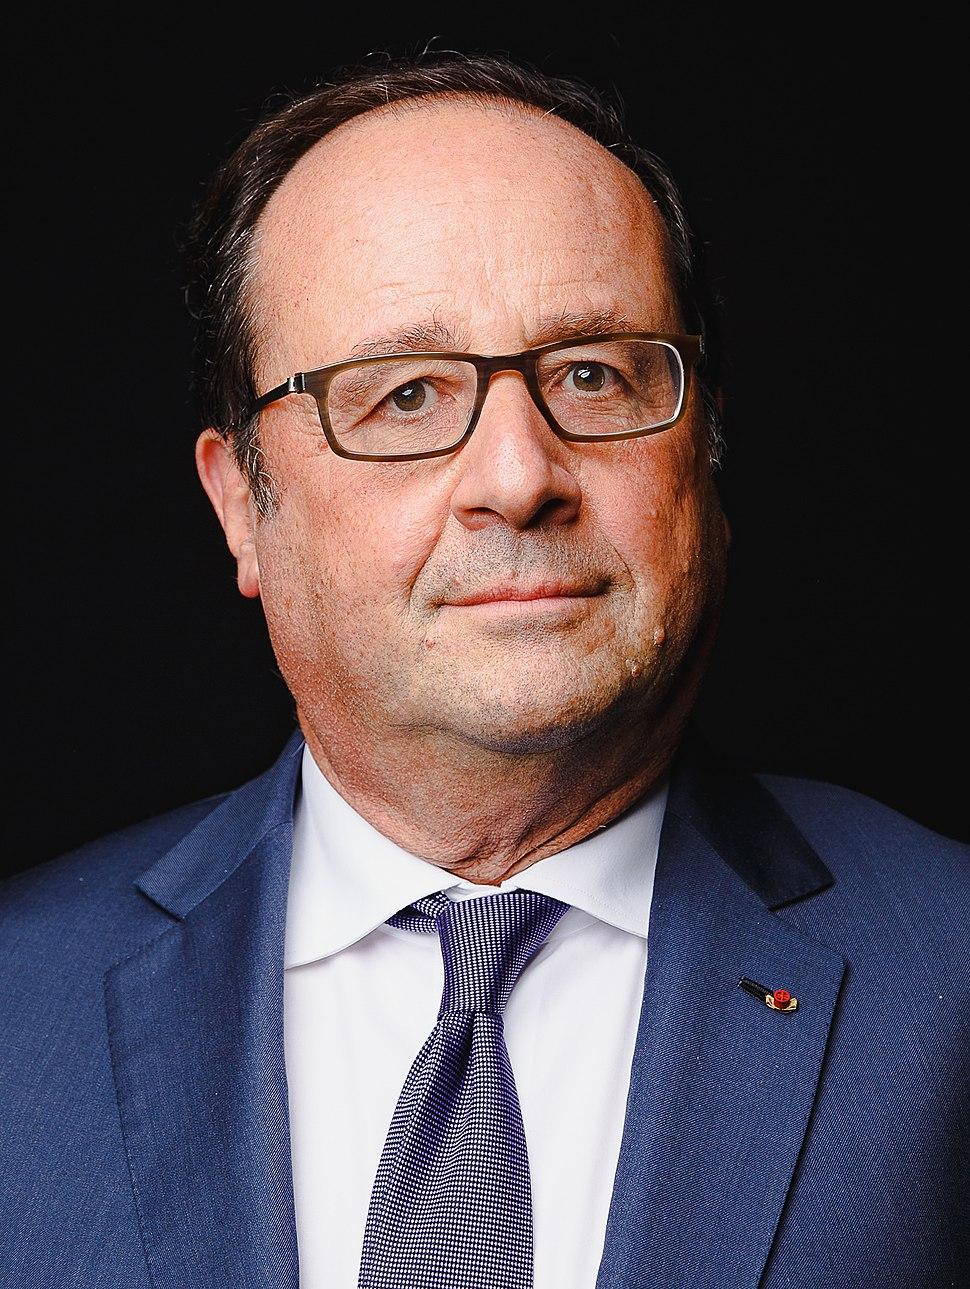 François Hollande - 2017 (27869823159) (cropped 2)